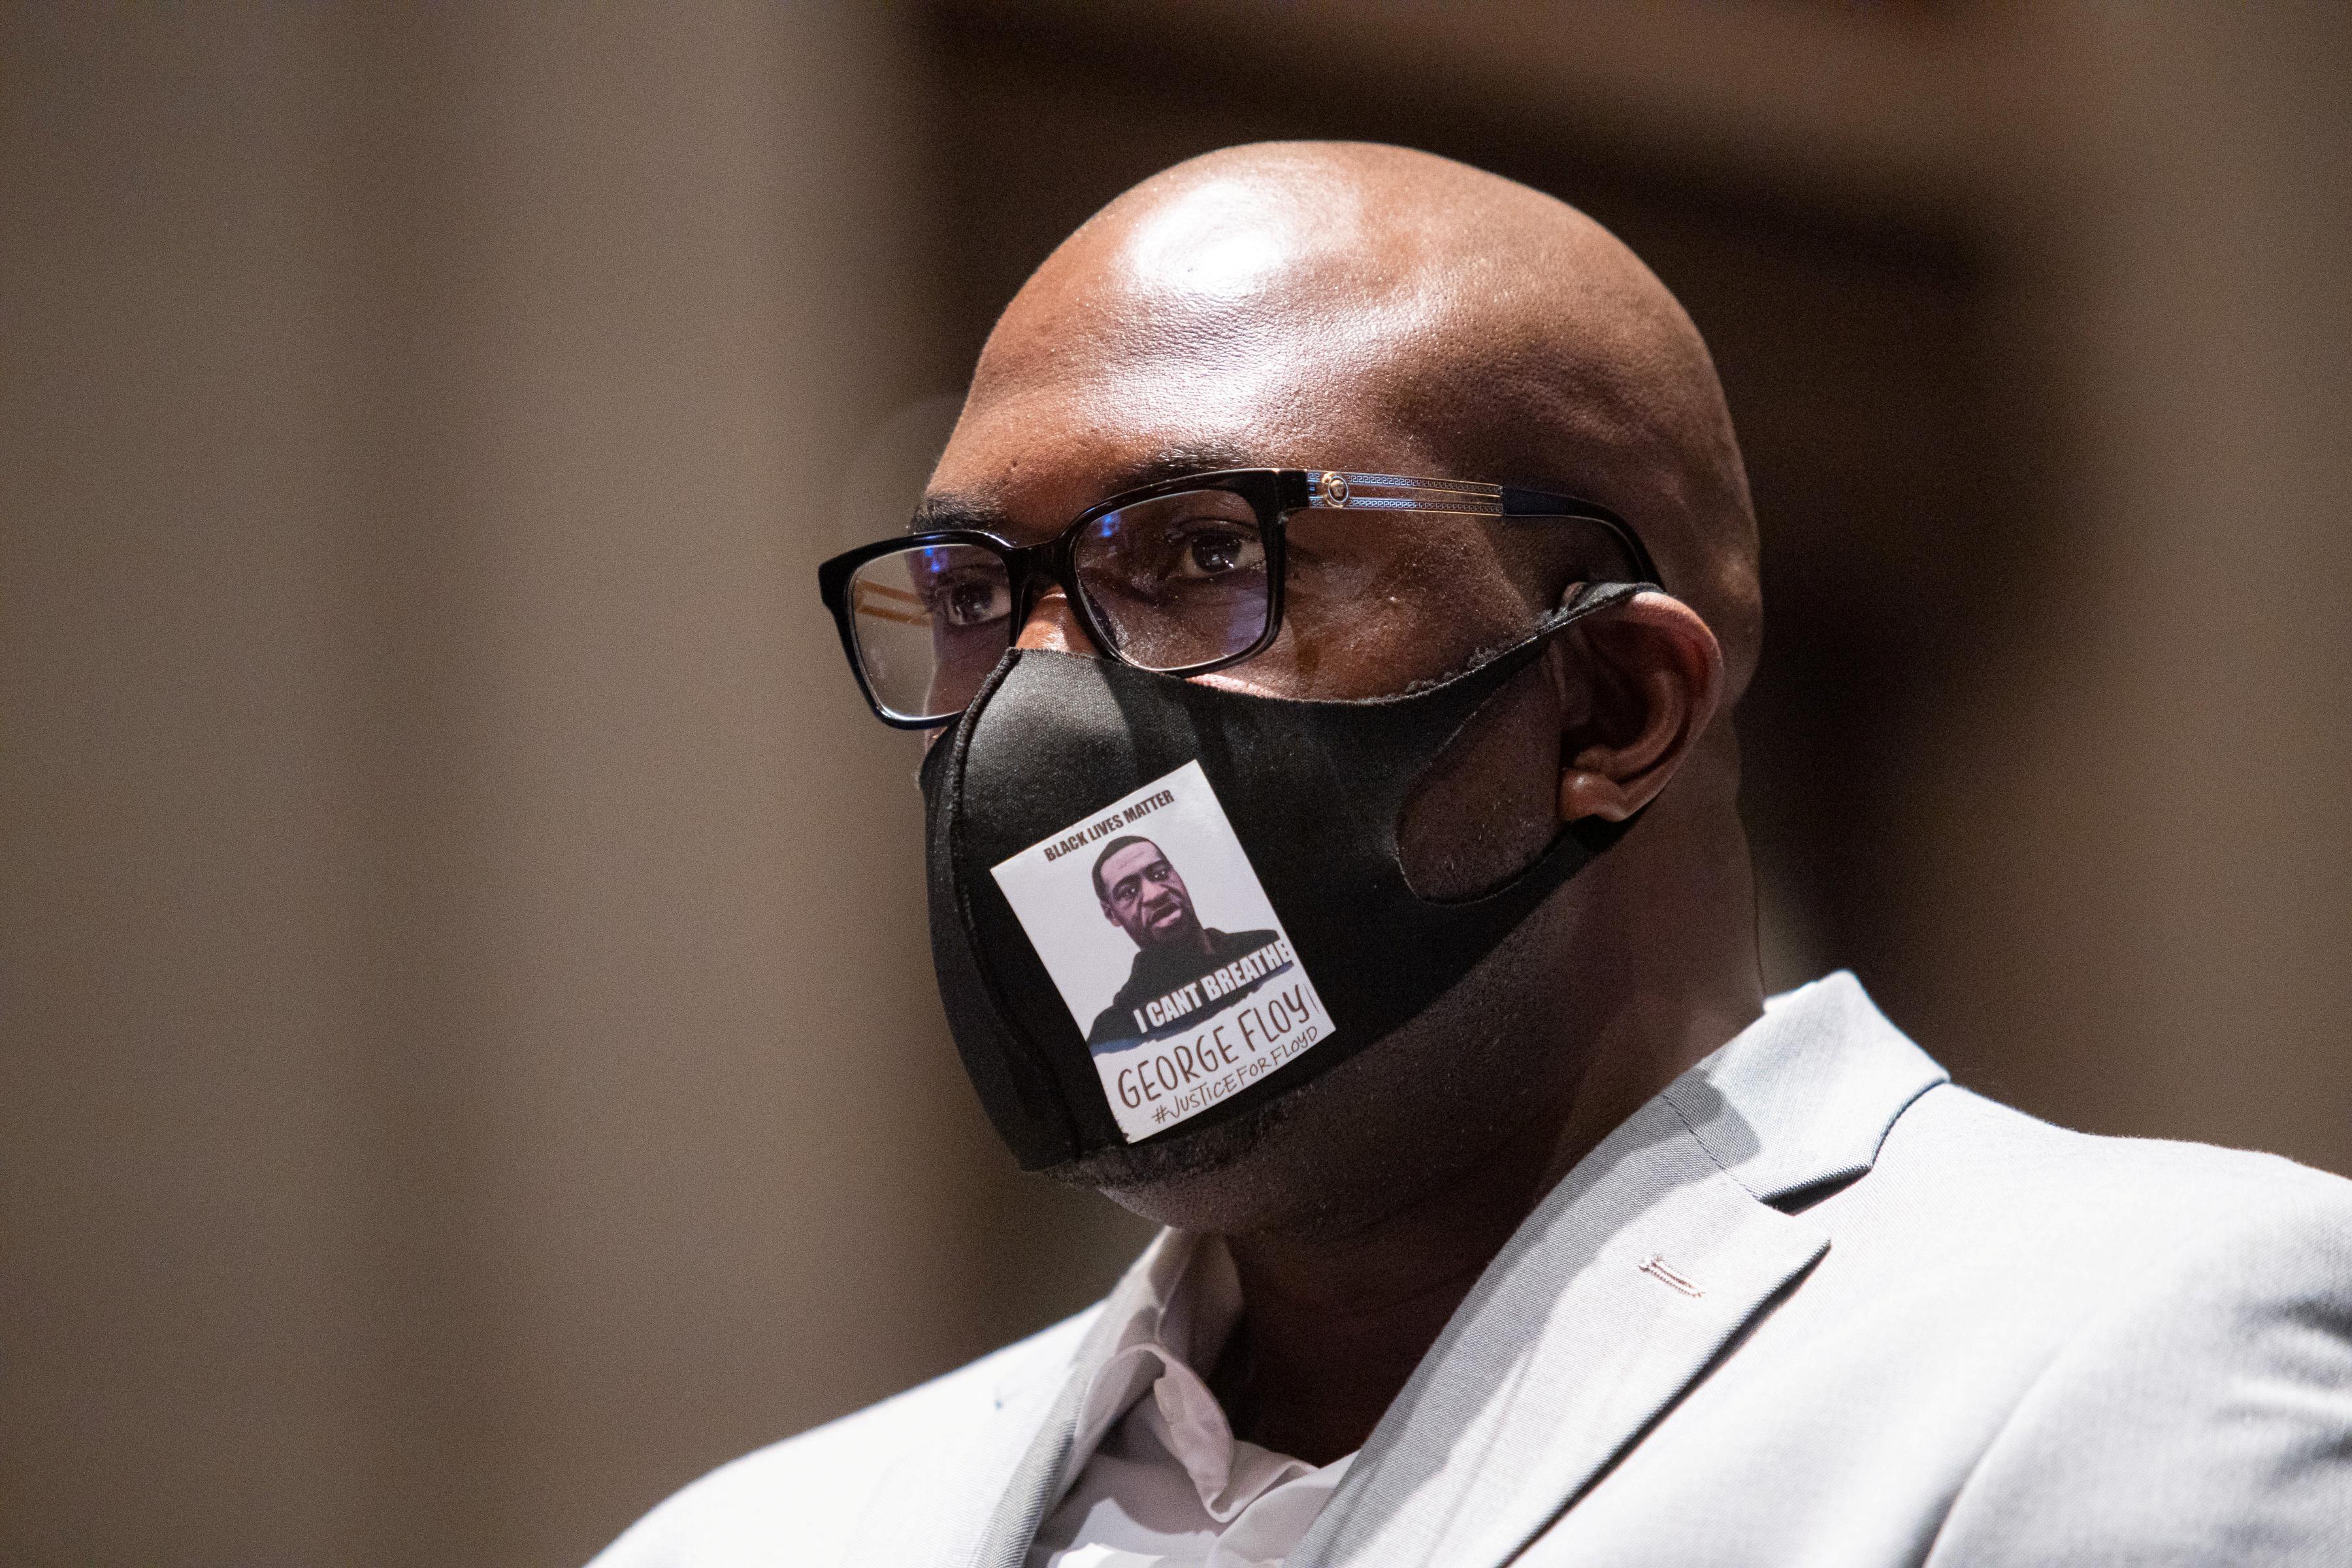 Le frère de George Floyd a déclaré au Congrès: «Il ne méritait pas de mourir à plus de 20 $»